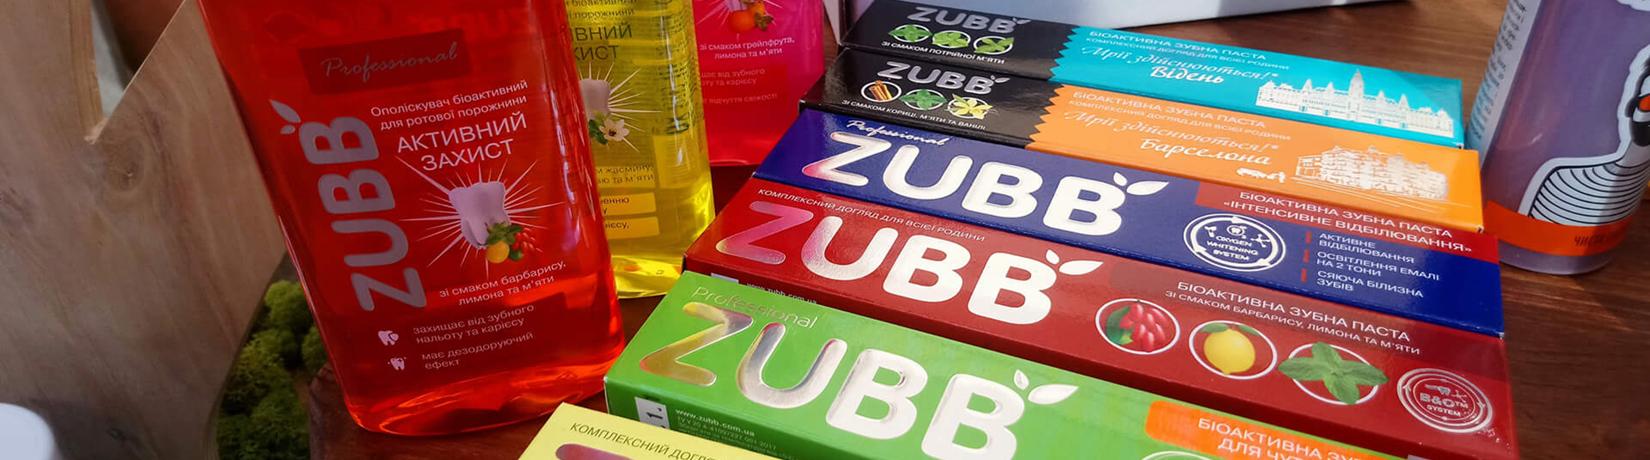 ZUBB на Made in Ukraine